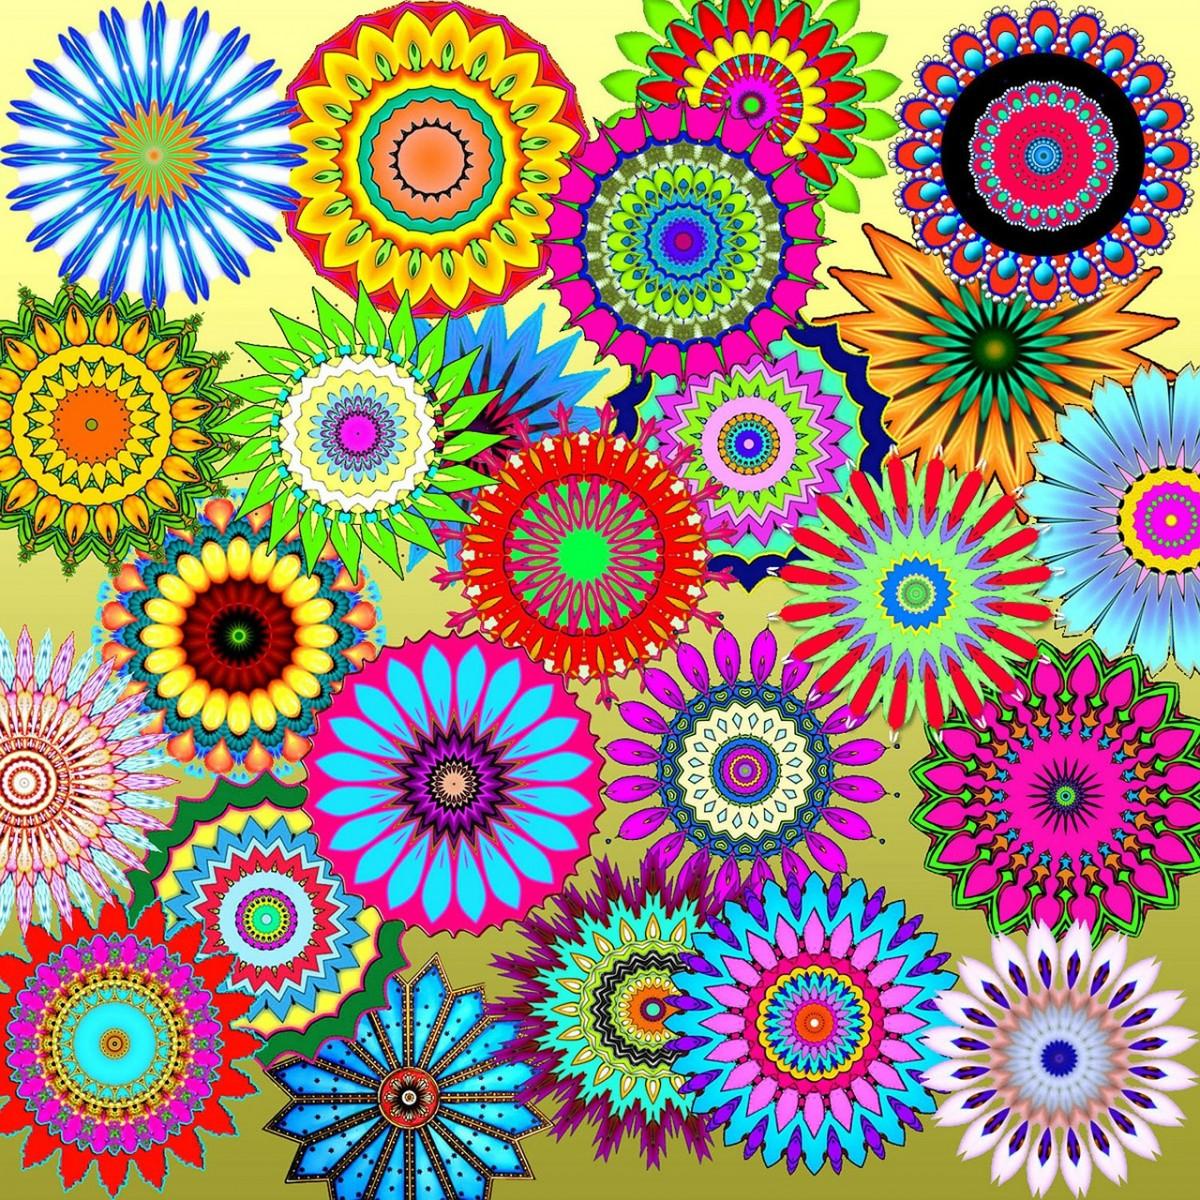 O quebra-cabeça Recolher o quebra-cabeças on-line - Rainbow assorted